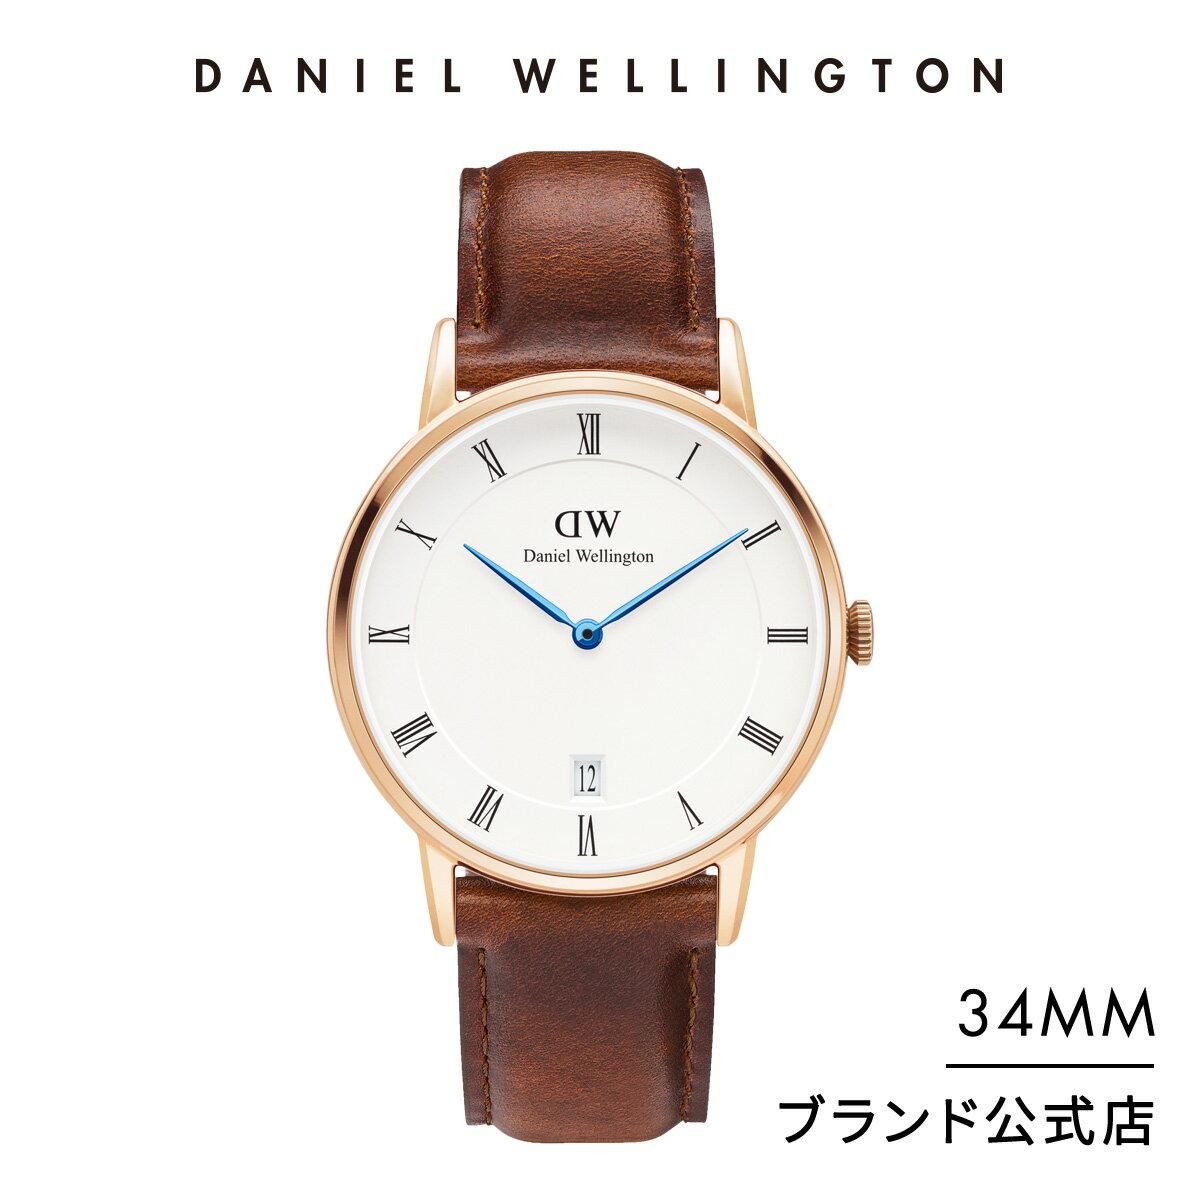 【公式2年保証/送料無料】ダニエルウェリントン公式 レディース 腕時計 Dapper St Mawes 34mm 革 ベルト ダッパー セント モース DW プレゼント おしゃれ インスタ映え ブランド 彼女 彼氏 ペアスタイルに最適 ウォッチ